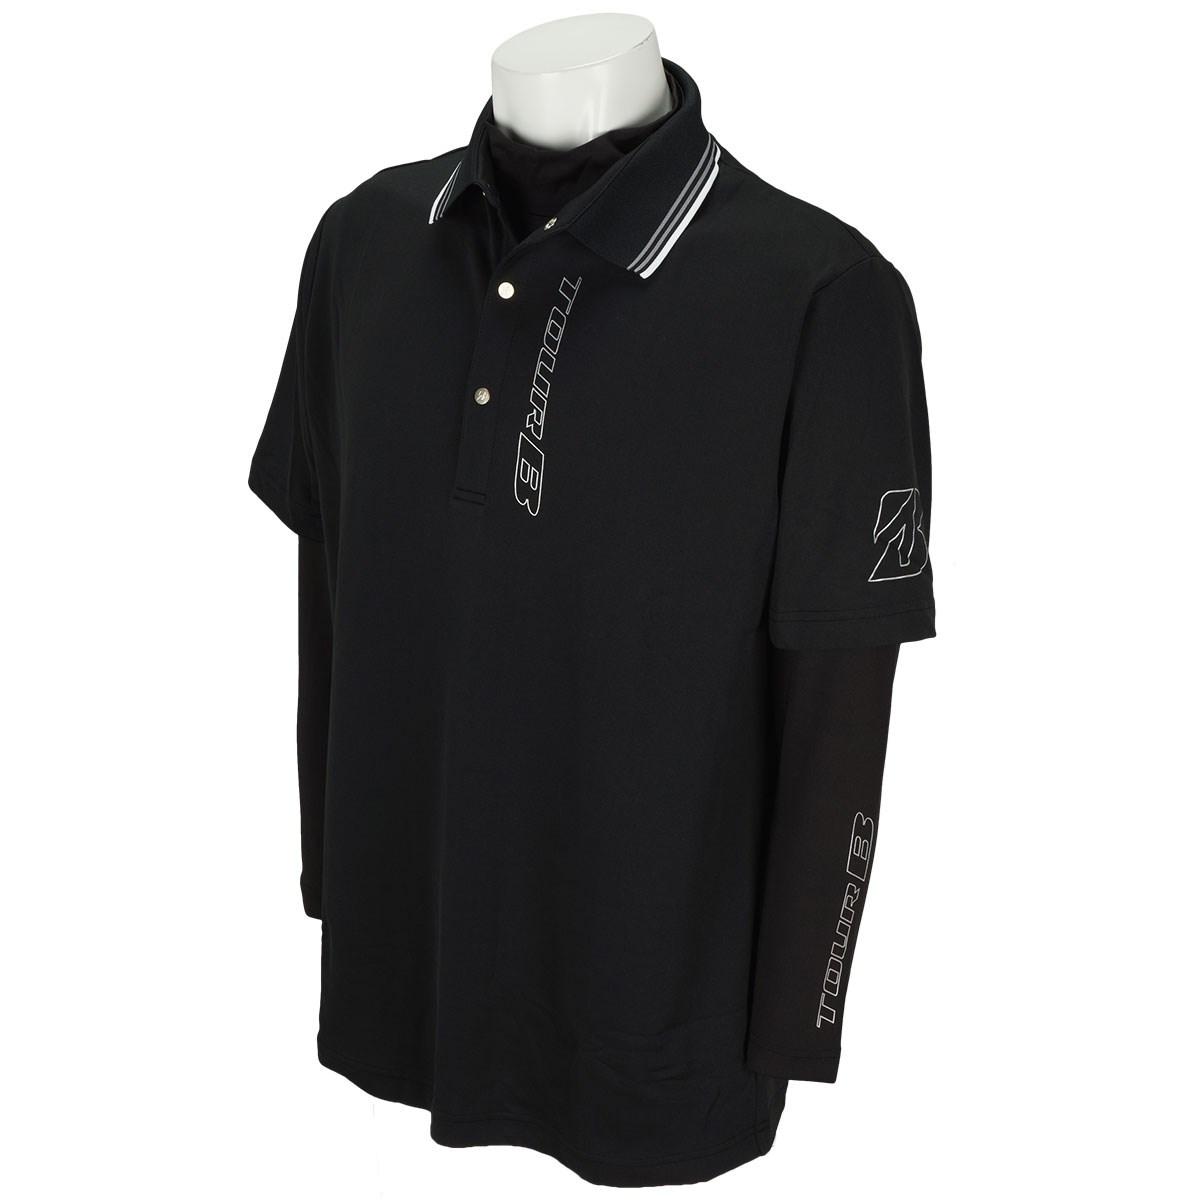 ブリヂストン(BRIDGESTONE GOLF) 長袖アンダーポロシャツ付き半袖ポロシャツ